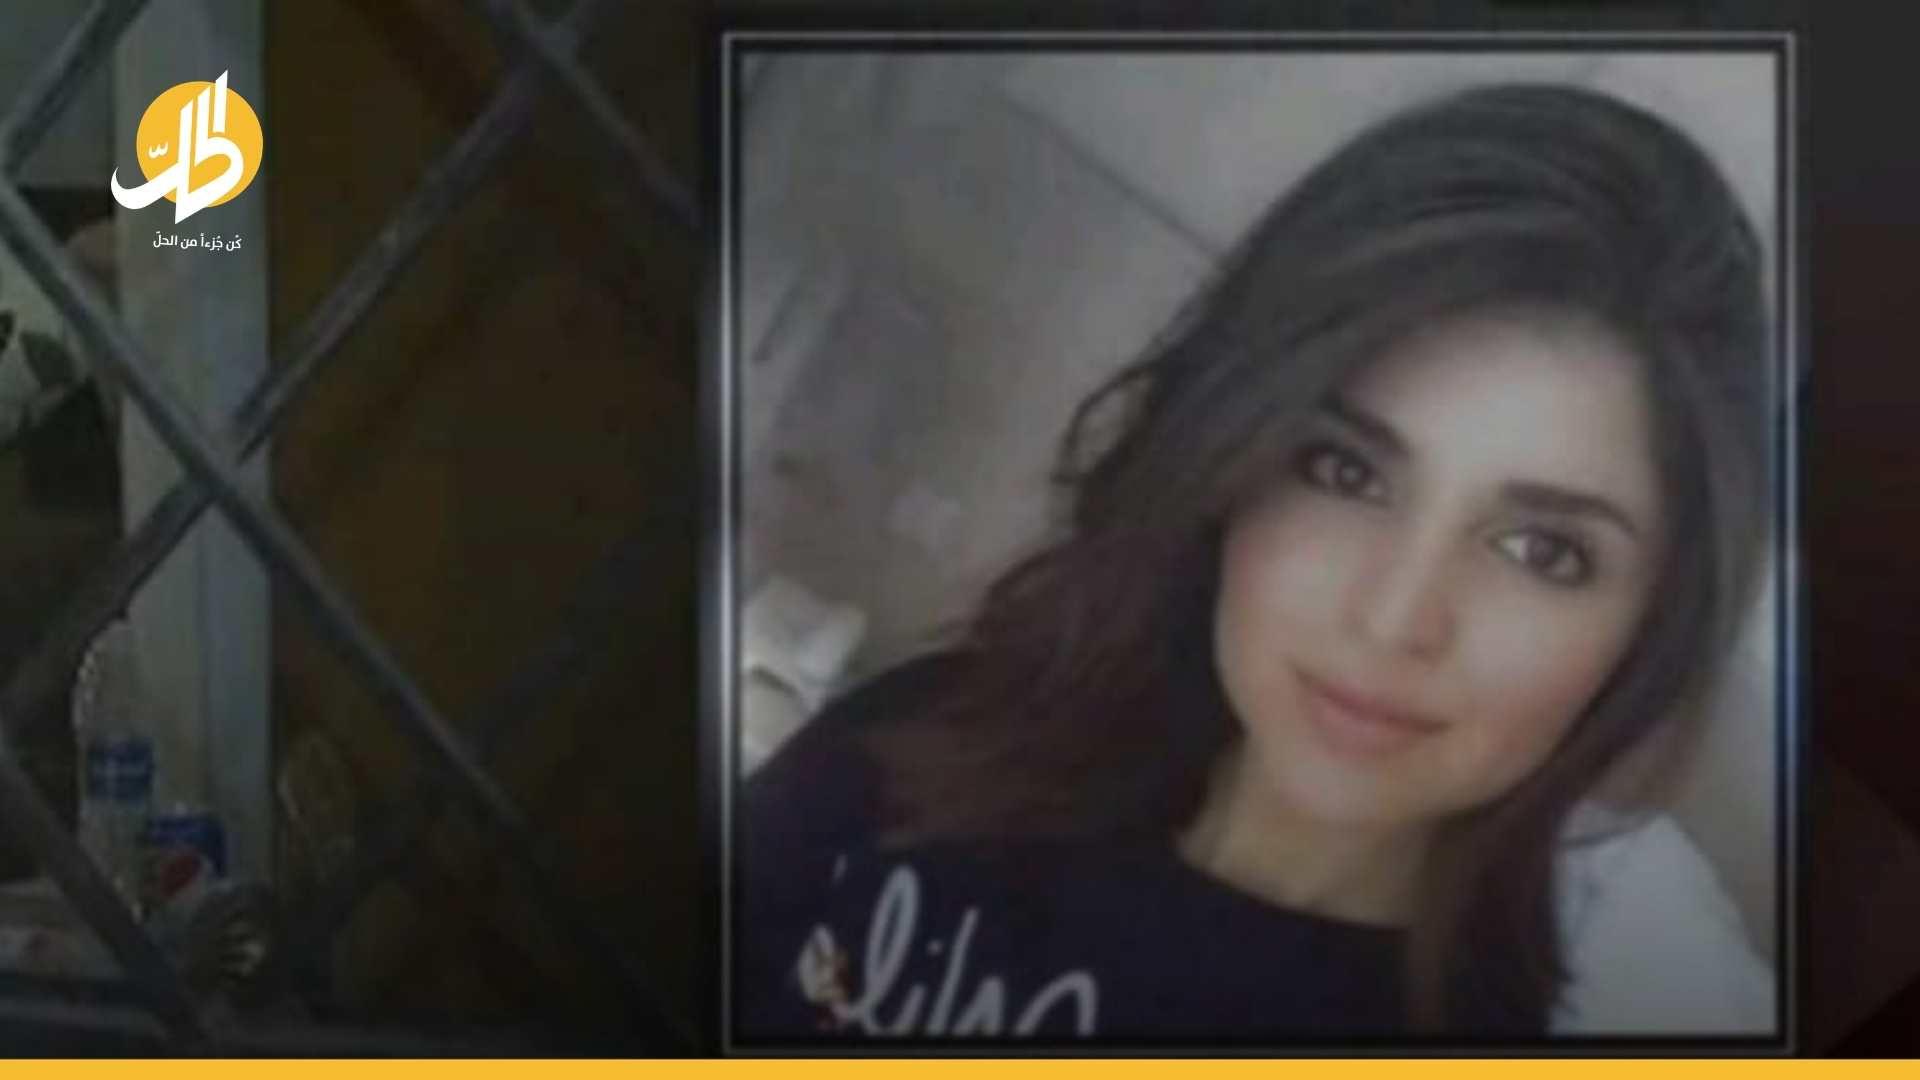 """العراق: الحكم على قاتل """"شيلان"""" وَوالِدَيها بالإعدام شنقاً 3 مرات حتى الموت"""